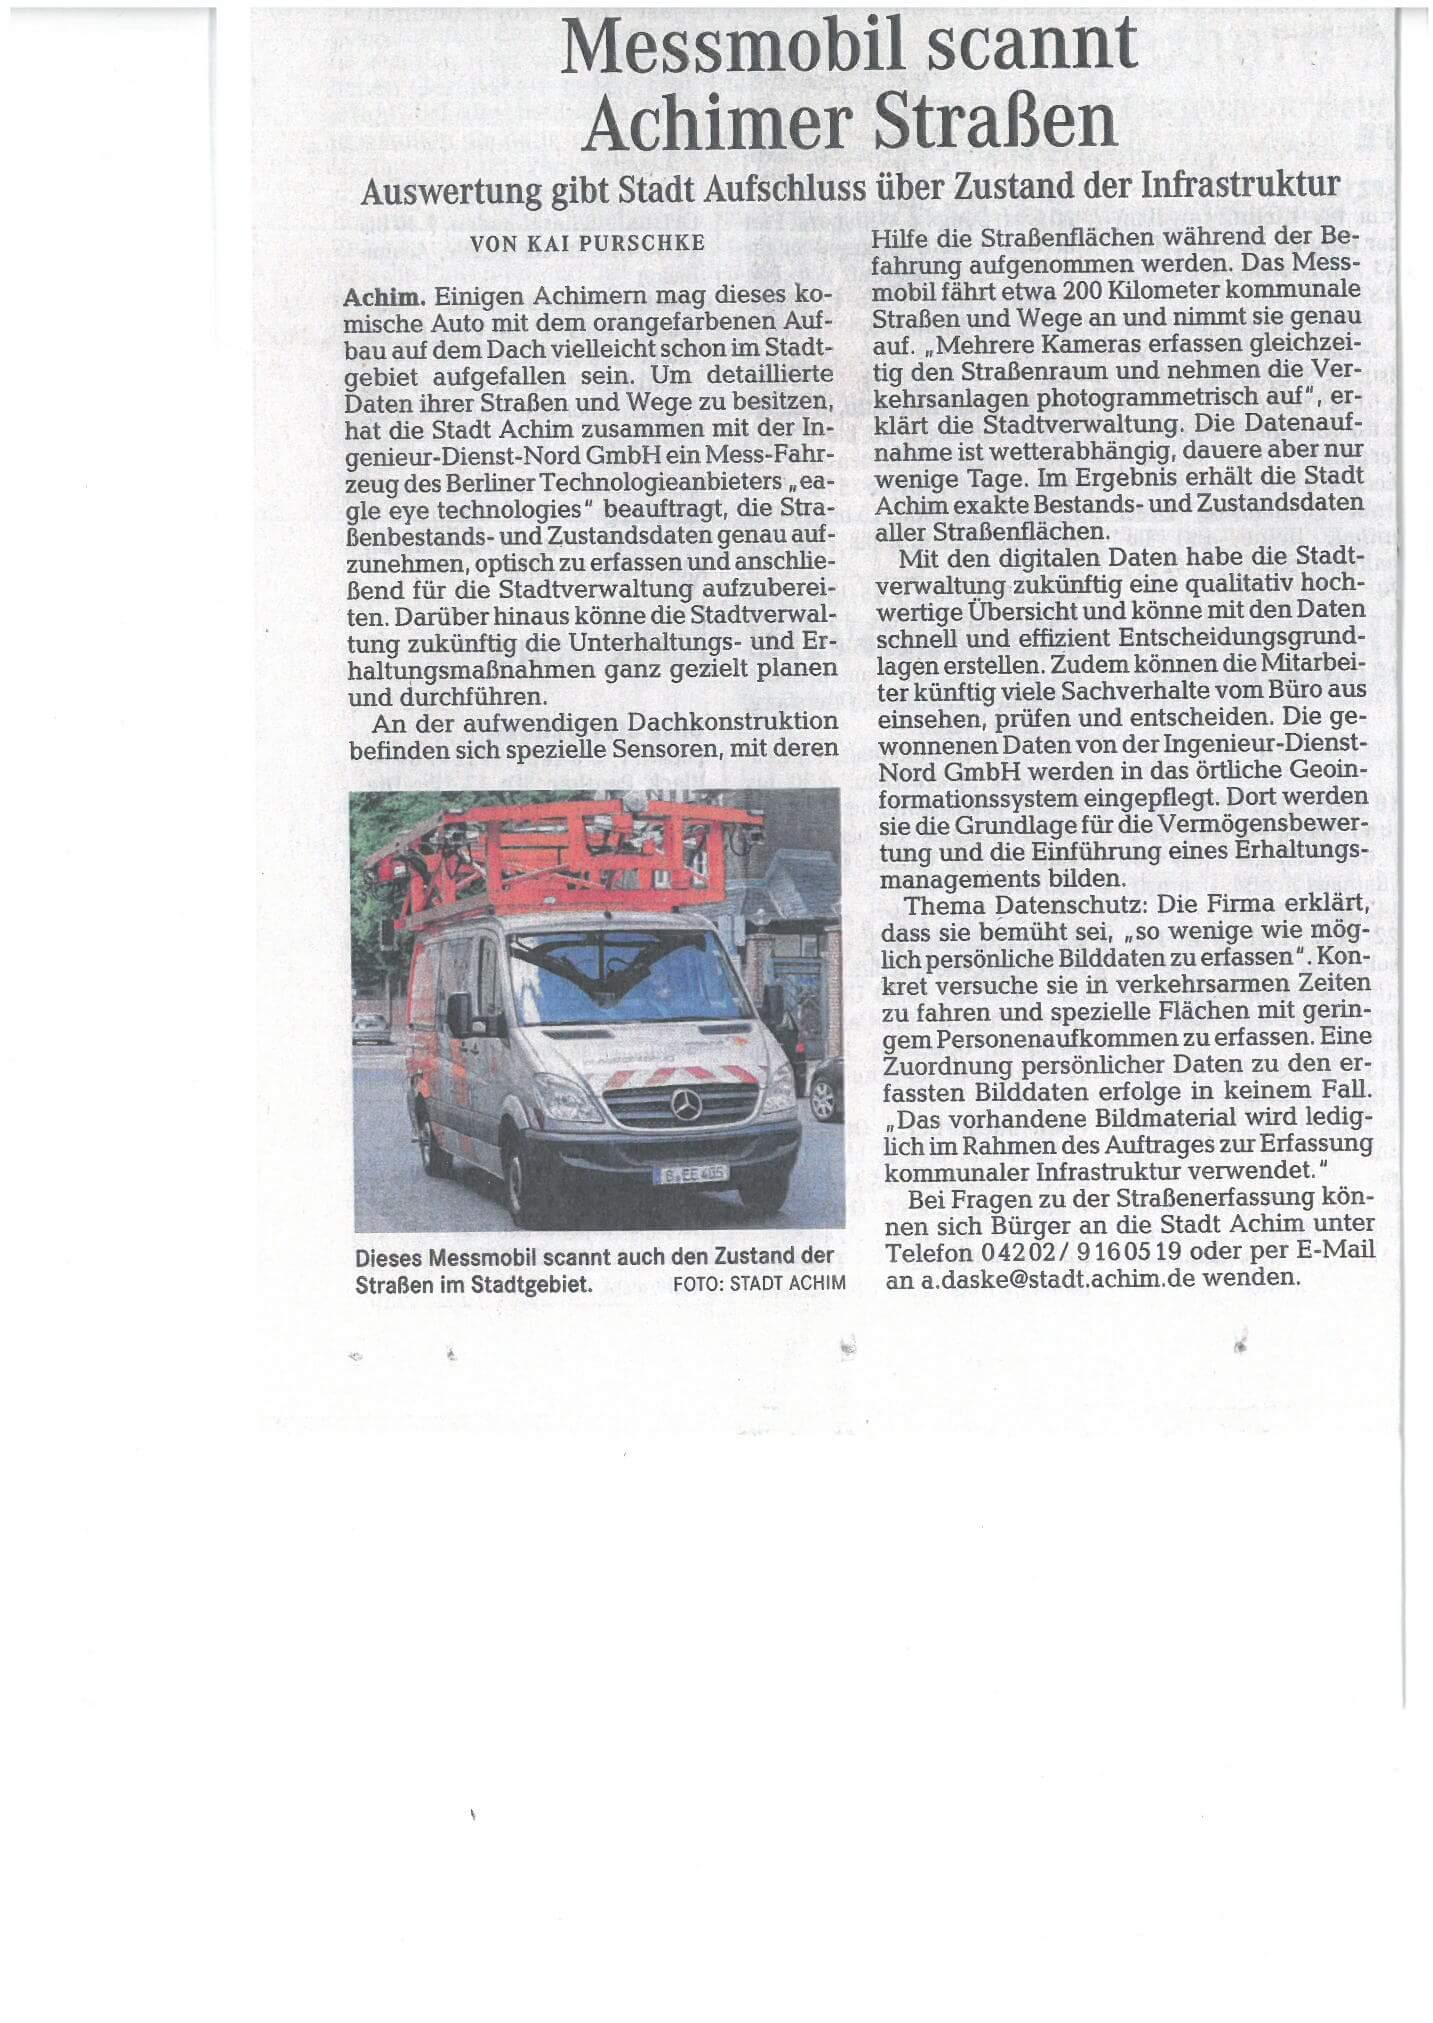 Straßenkataster in Achim - IDN - Referenz - Preseebericht